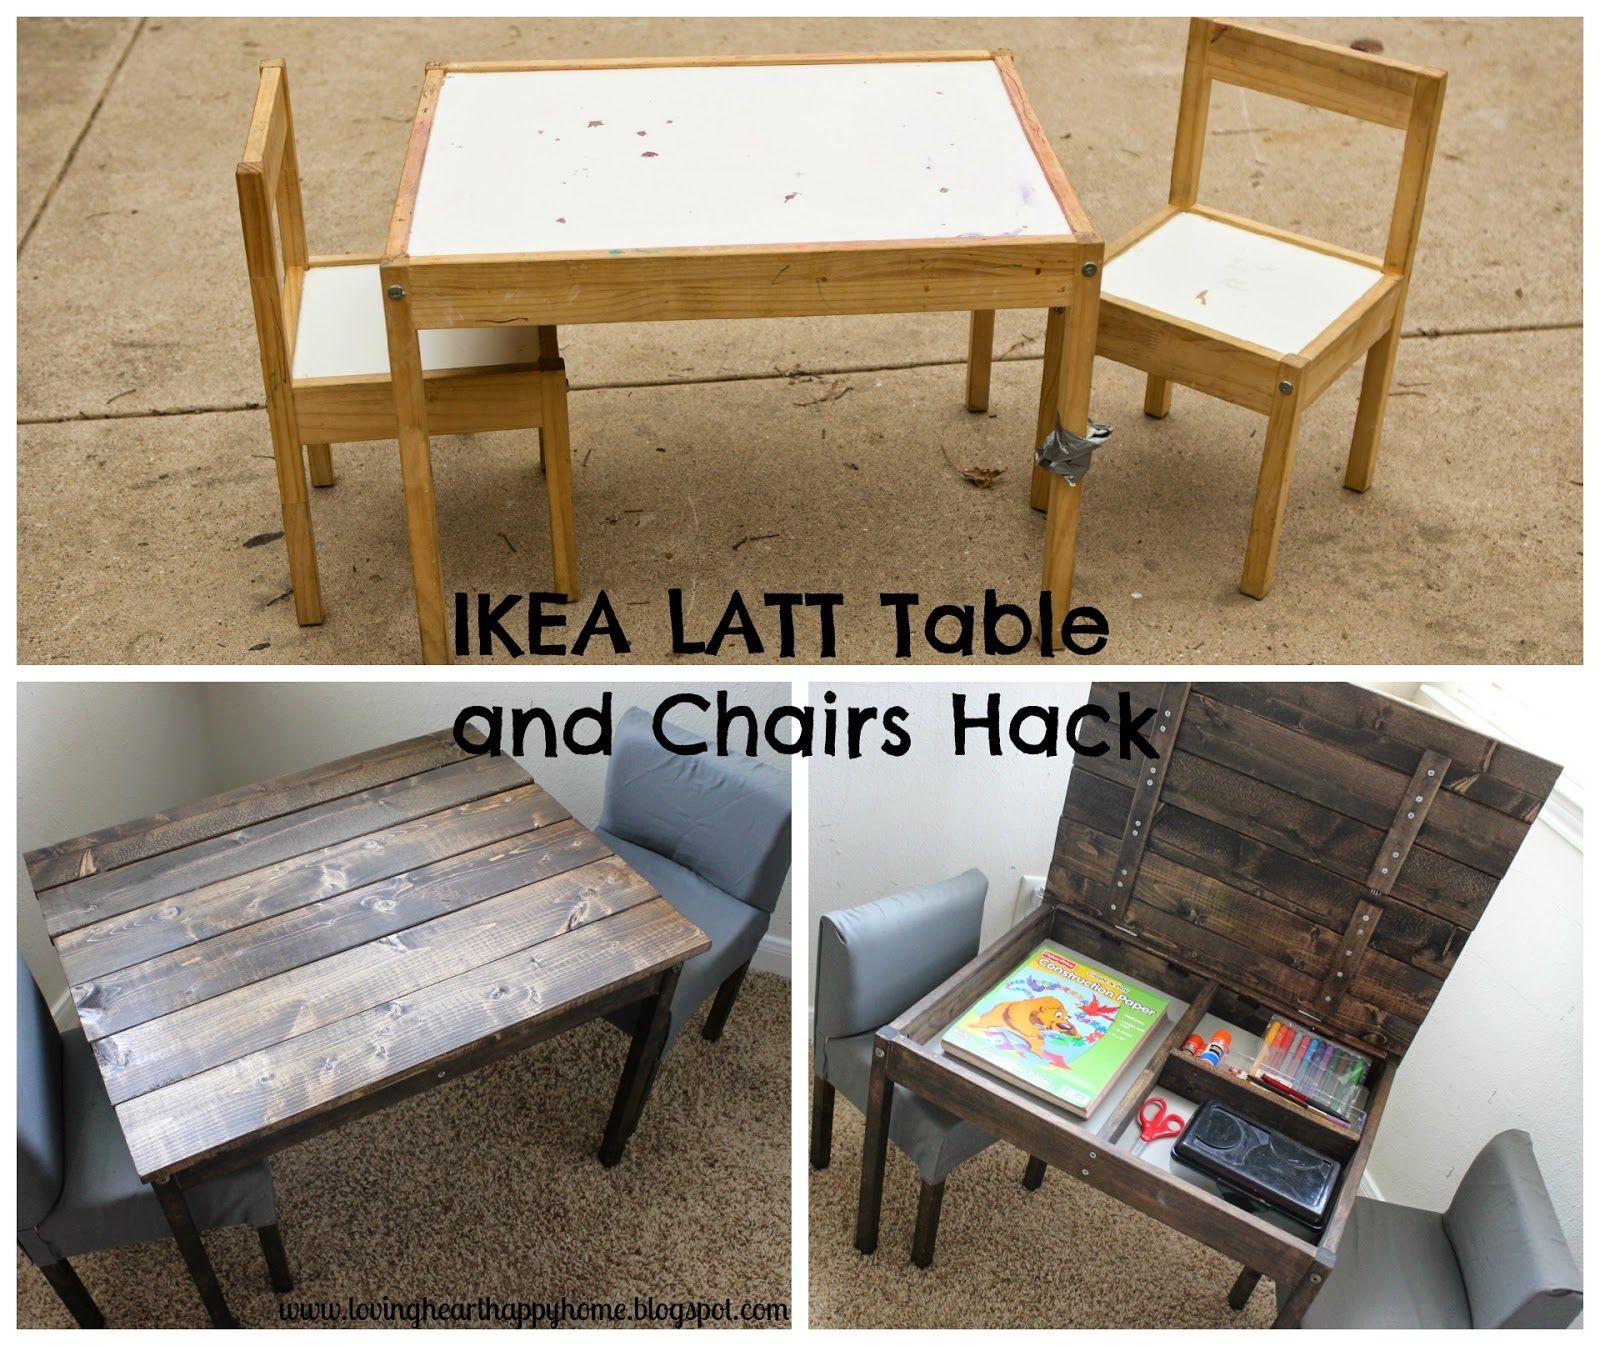 ikea playroom furniture. IKEA Hack/LATT Table And Chairs Turned Storage Ikea Playroom Furniture U